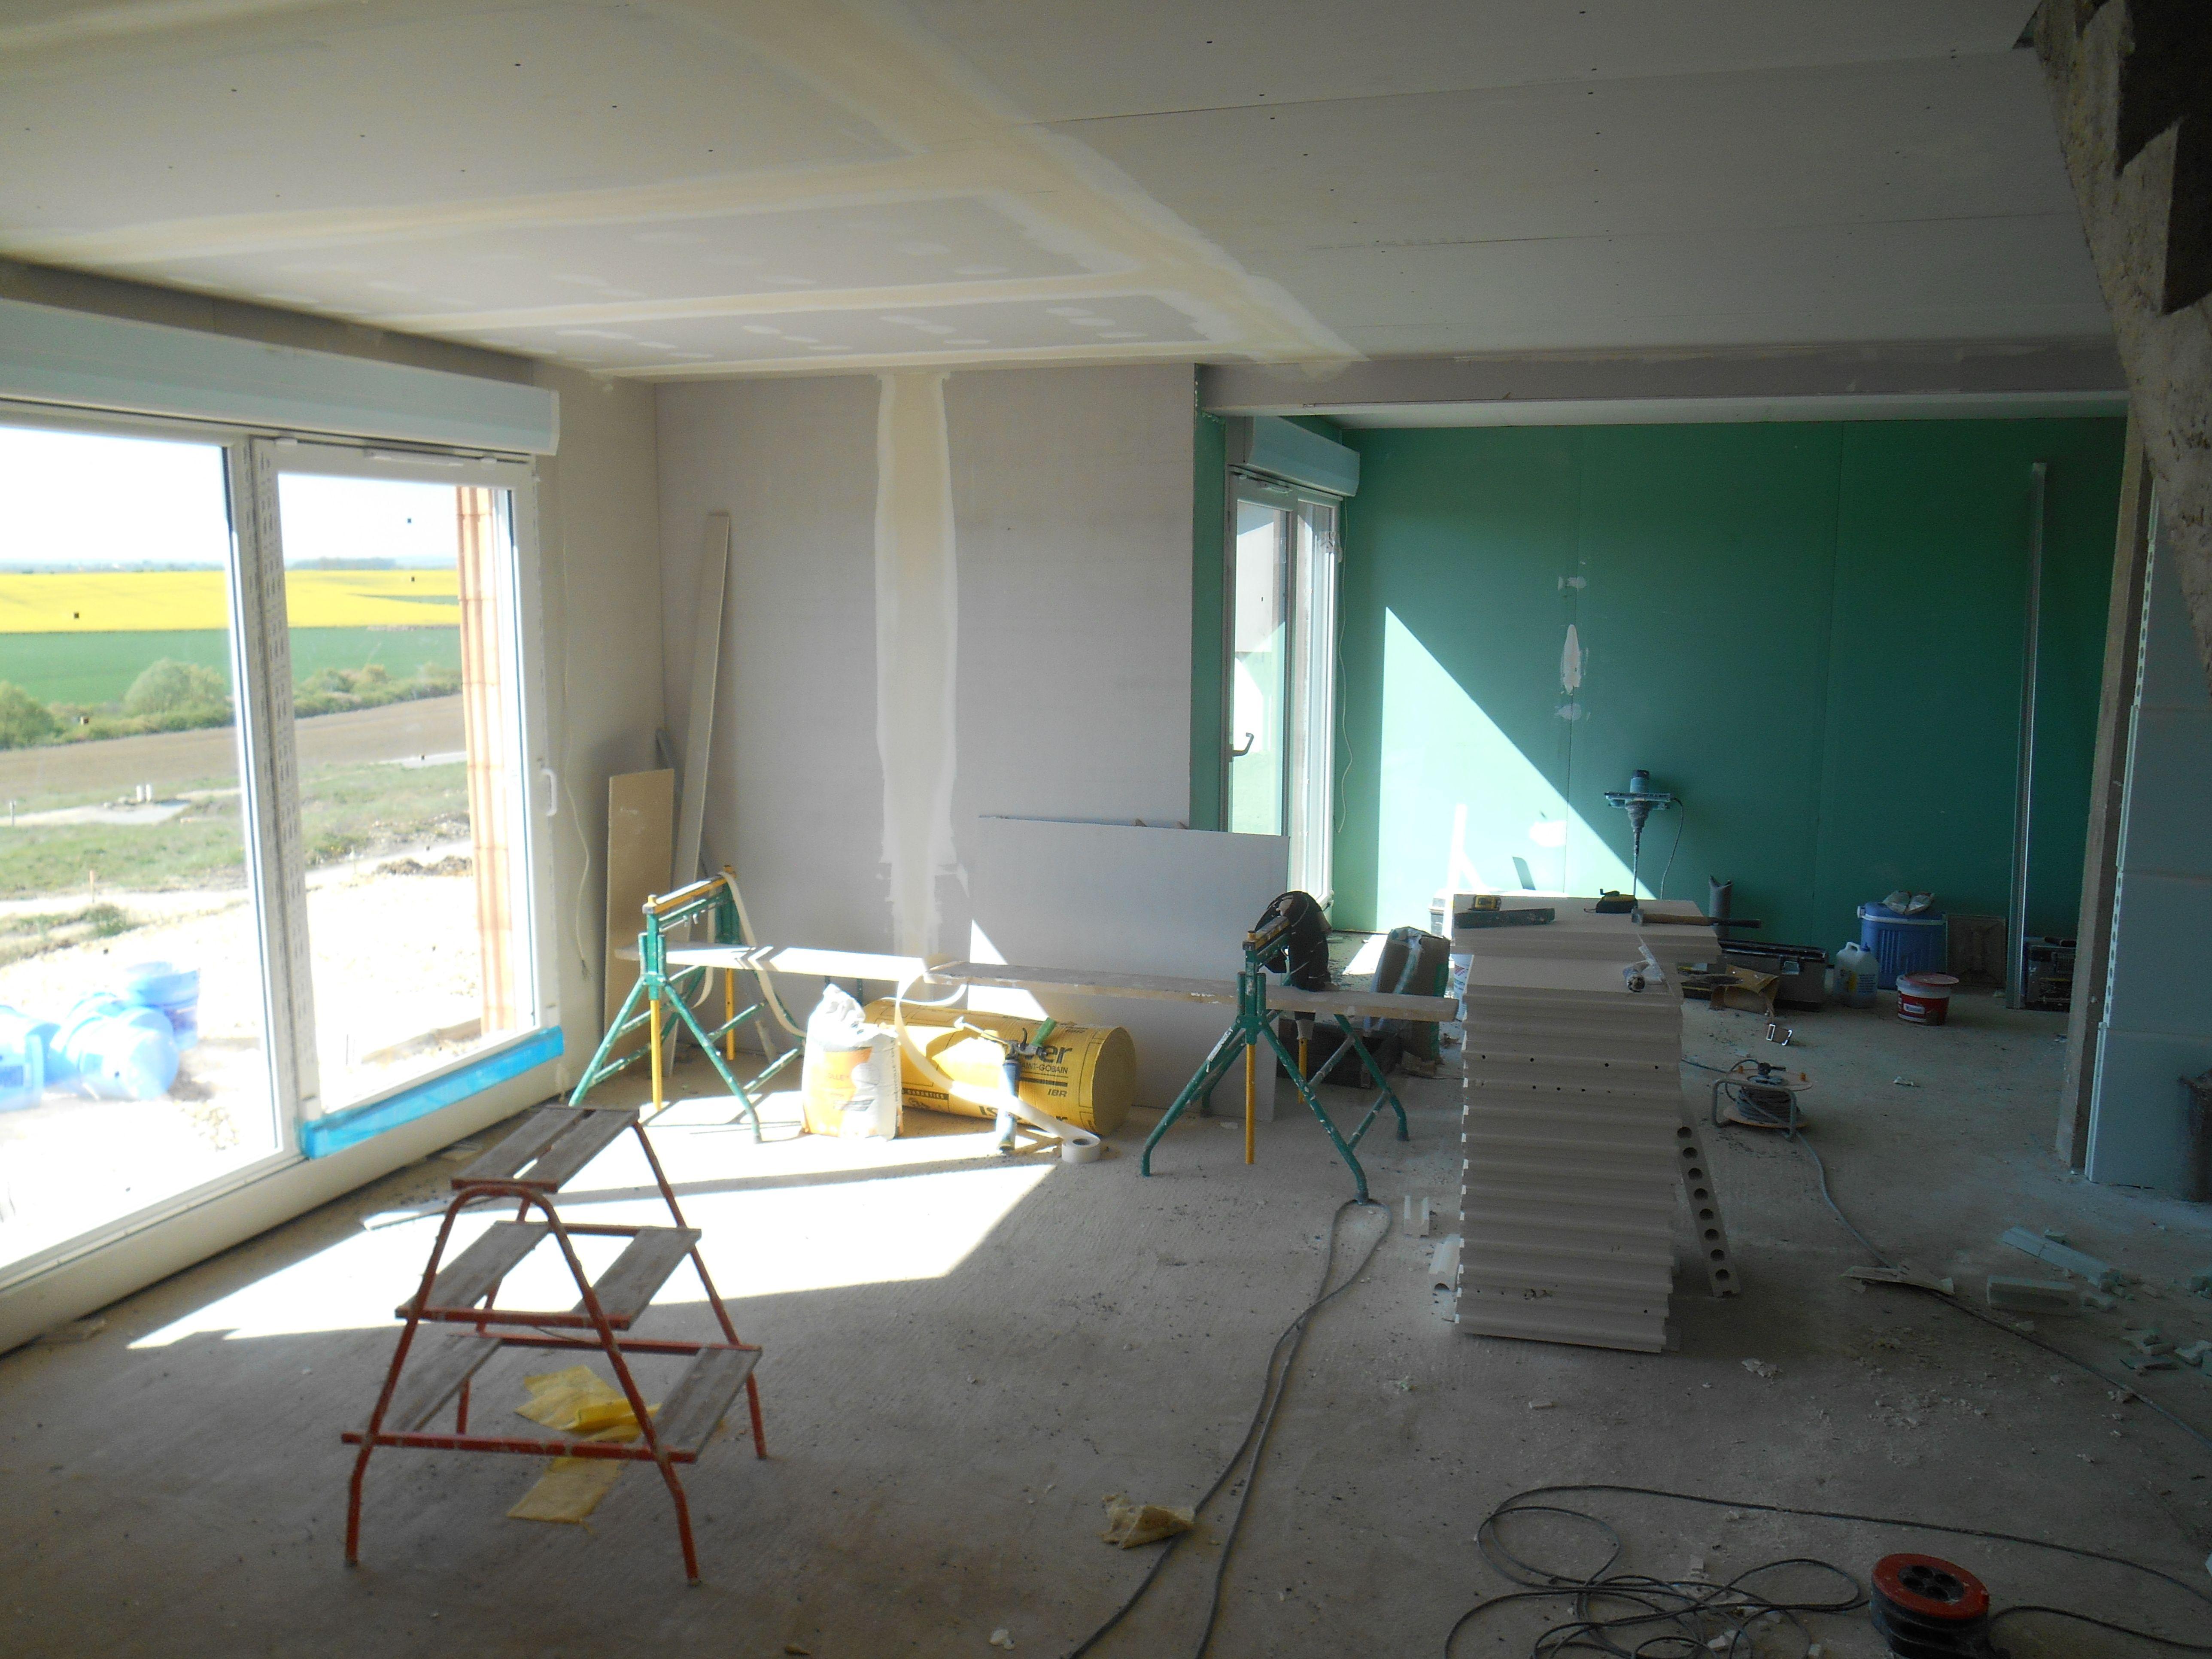 Plâtrerie isolation et plafonds du séjour en cours de réalisation